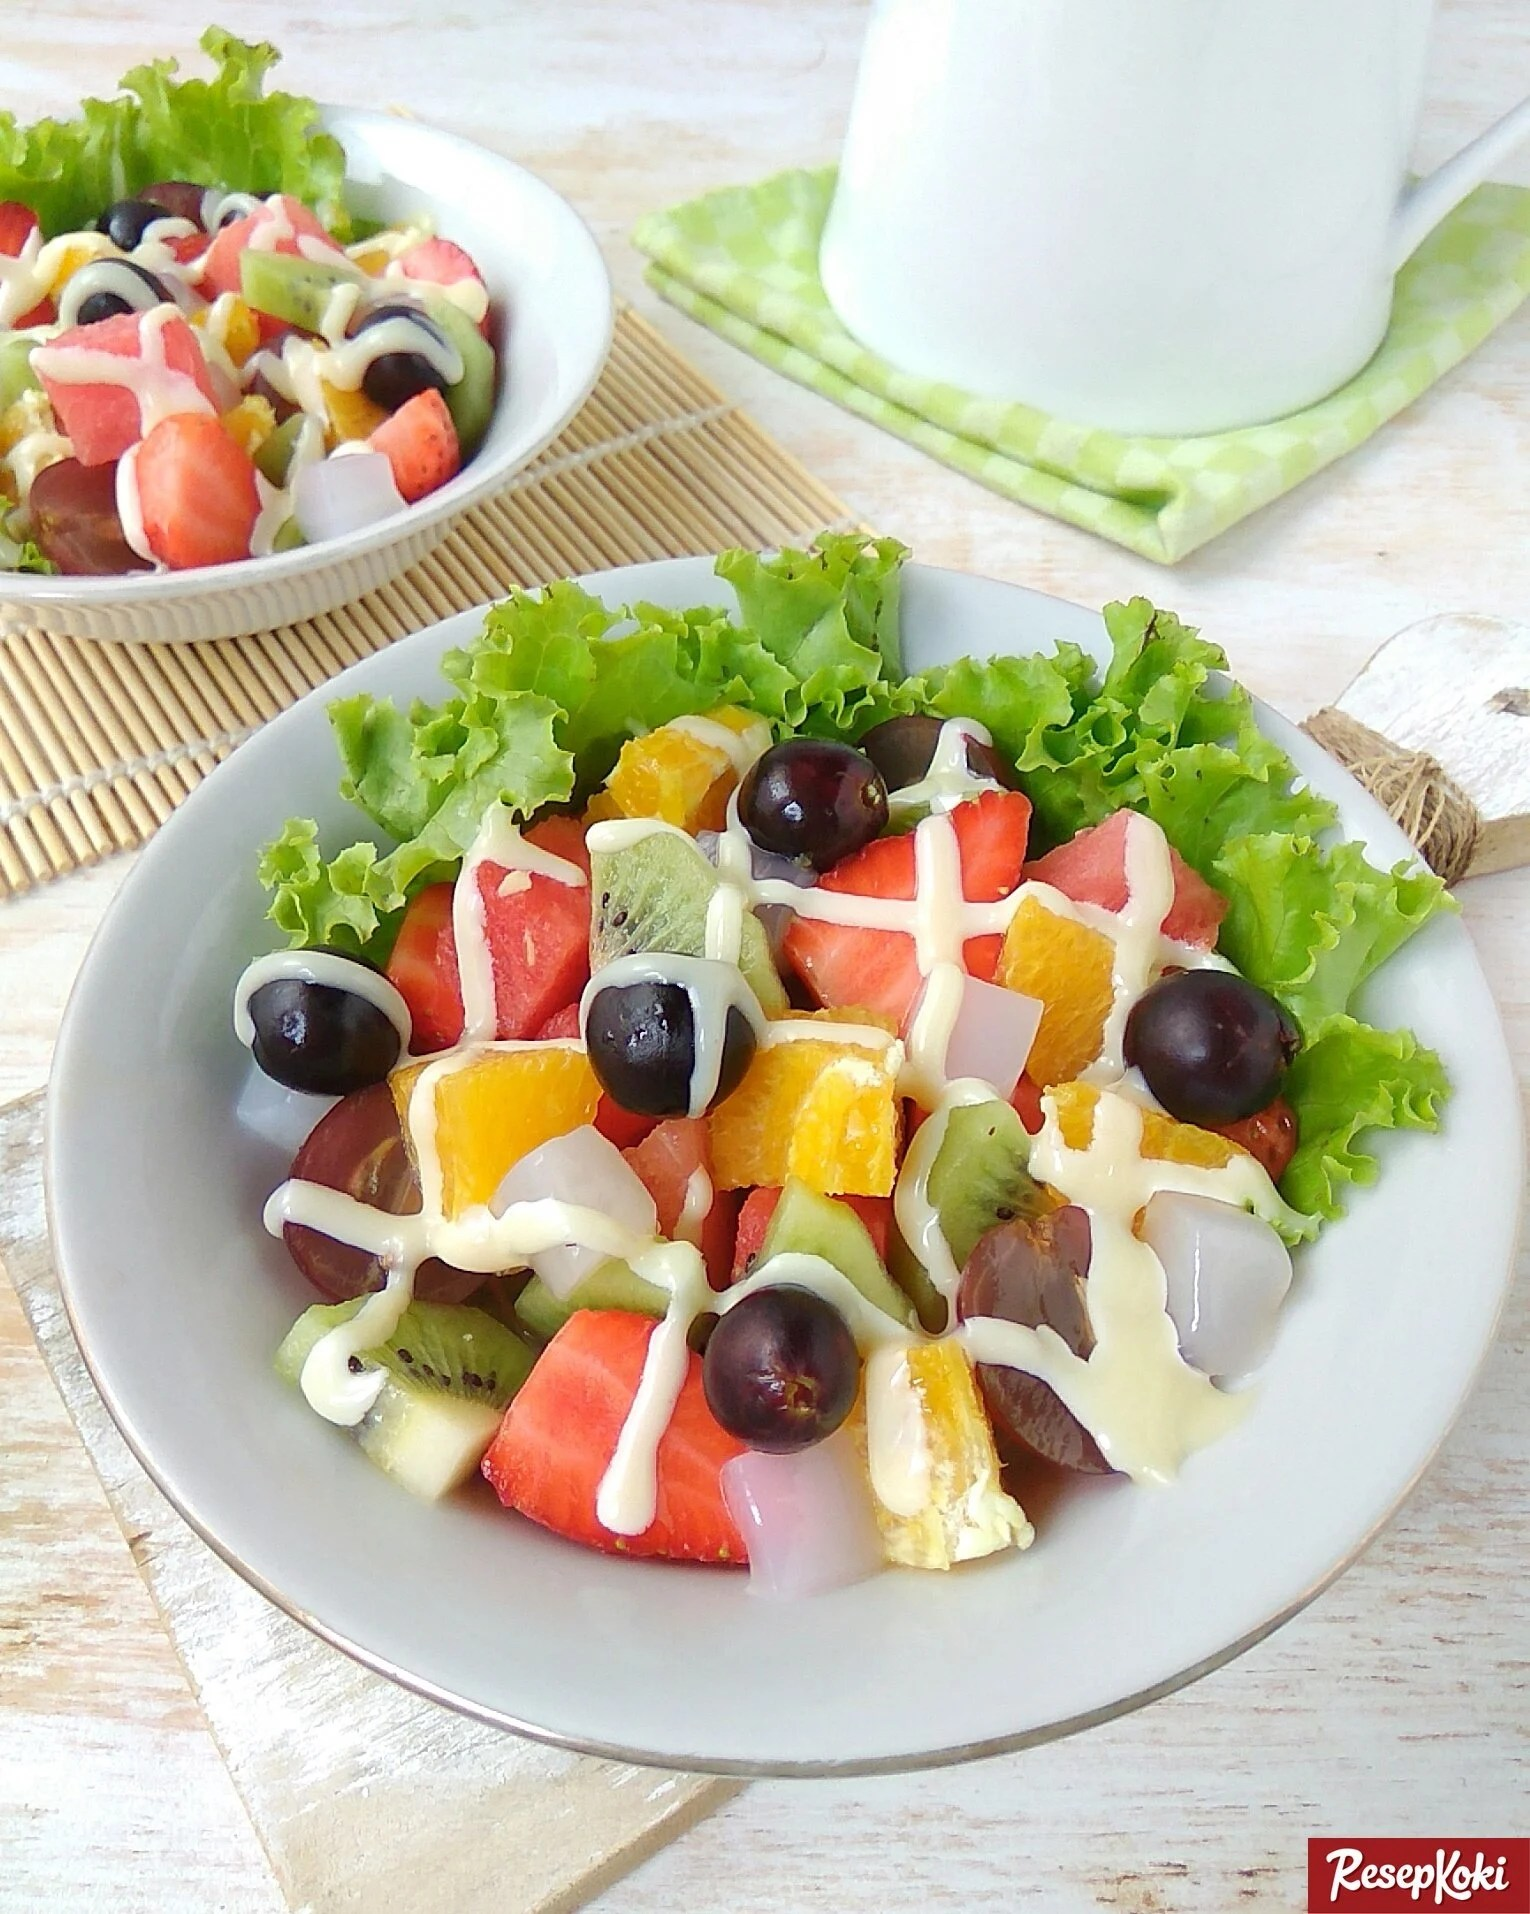 Gambar Salad Buah : gambar, salad, Salad, (Fruit), Segar, Siram, Mayones, Resep, ResepKoki